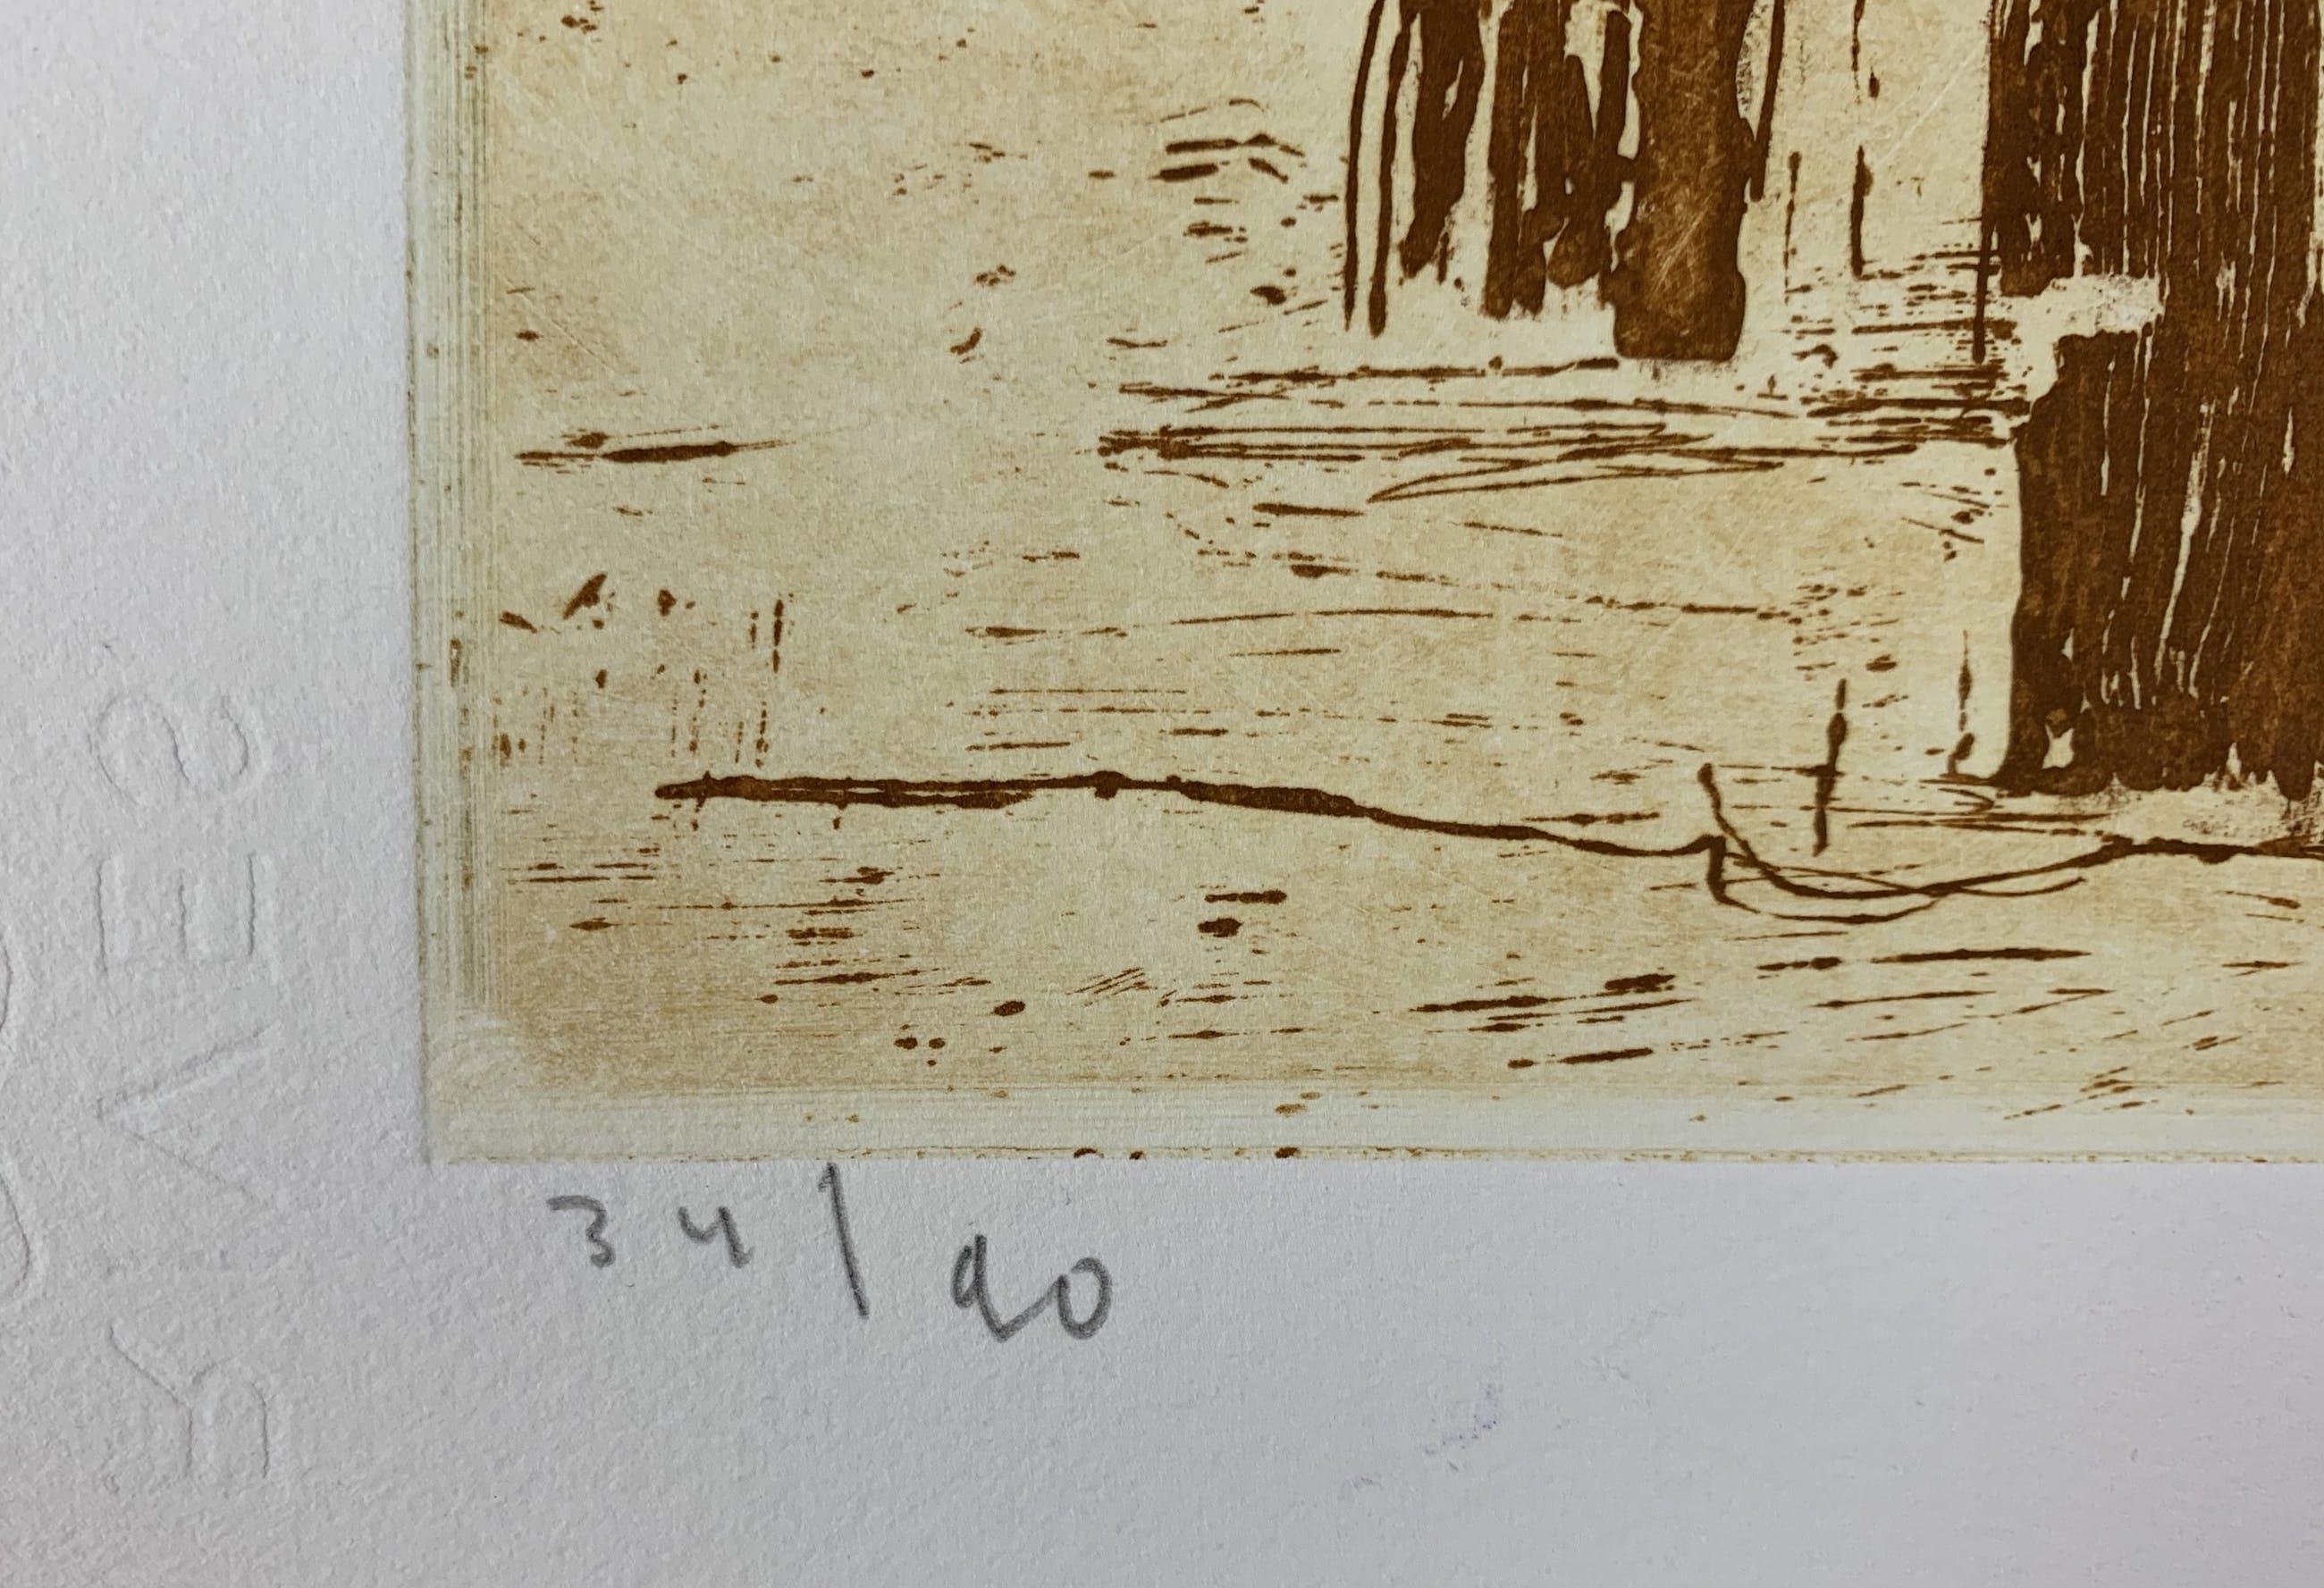 Jan Montyn - Kleurenets - titel onbekend - 1999 kopen? Bied vanaf 125!